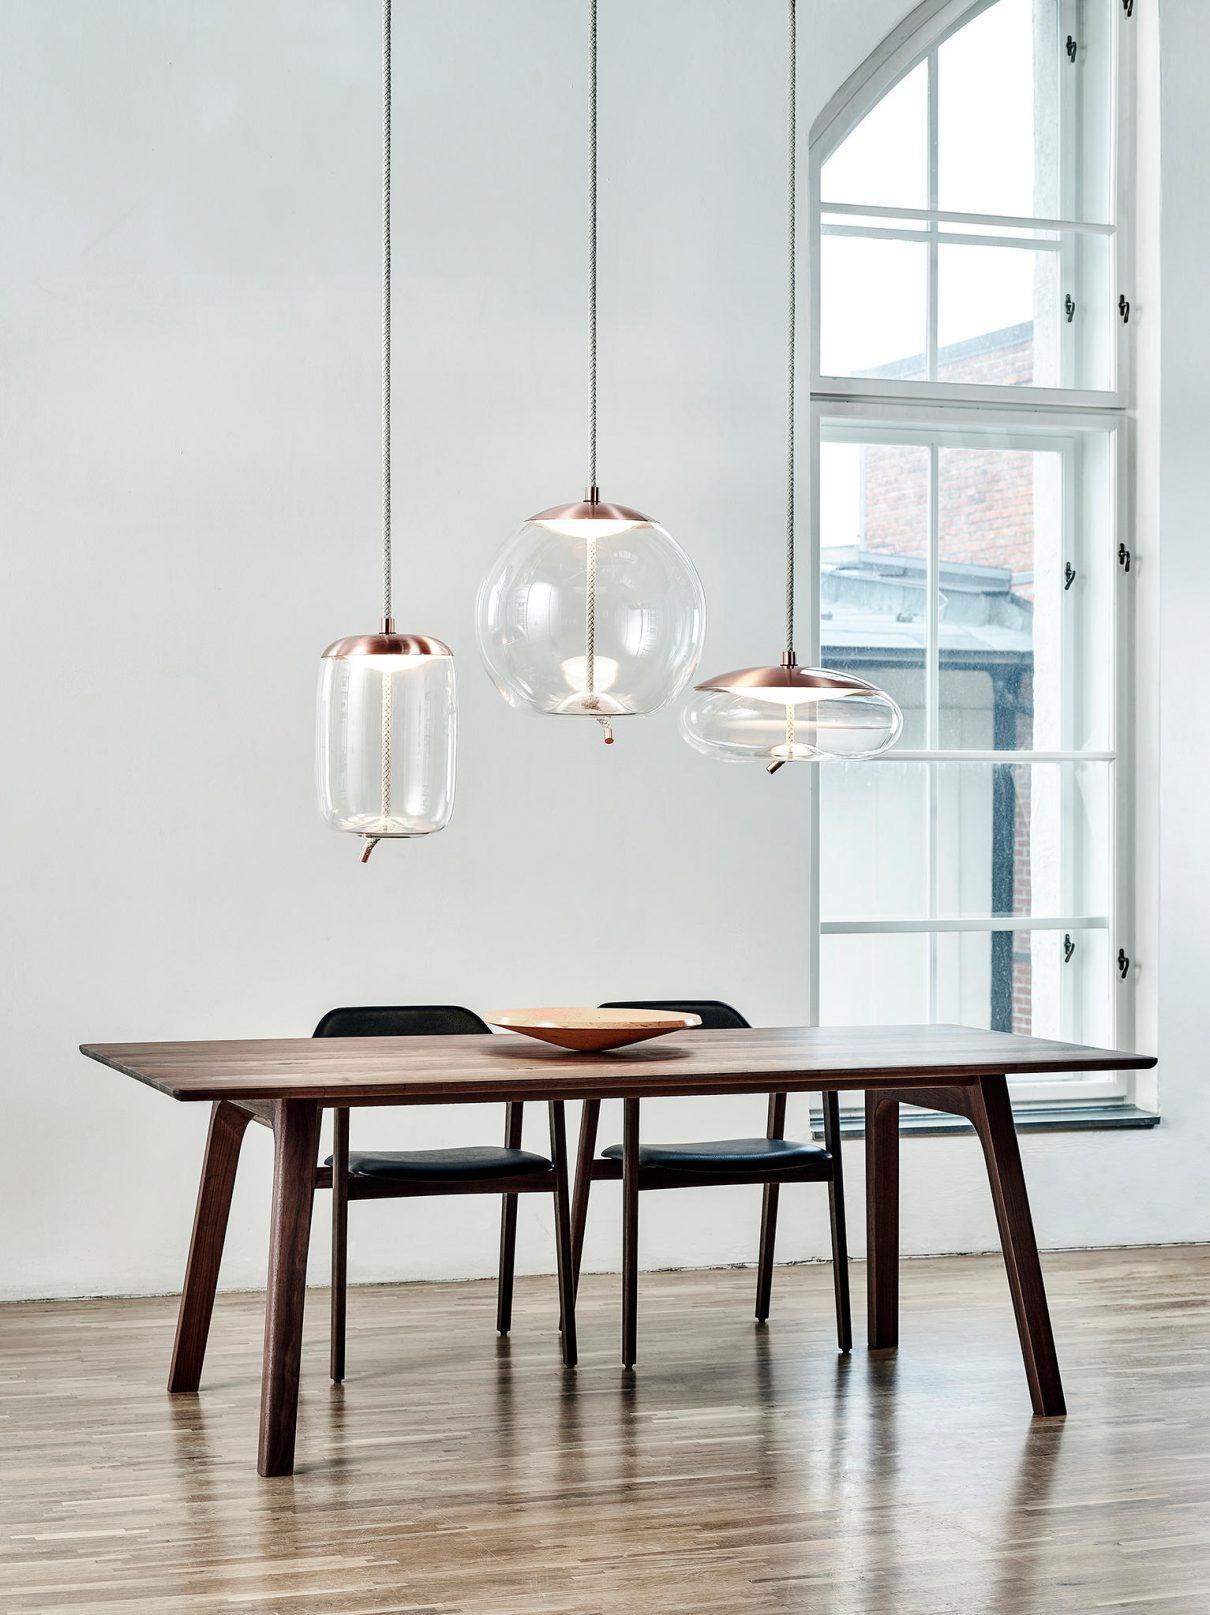 Knot hanglamp – Brokis